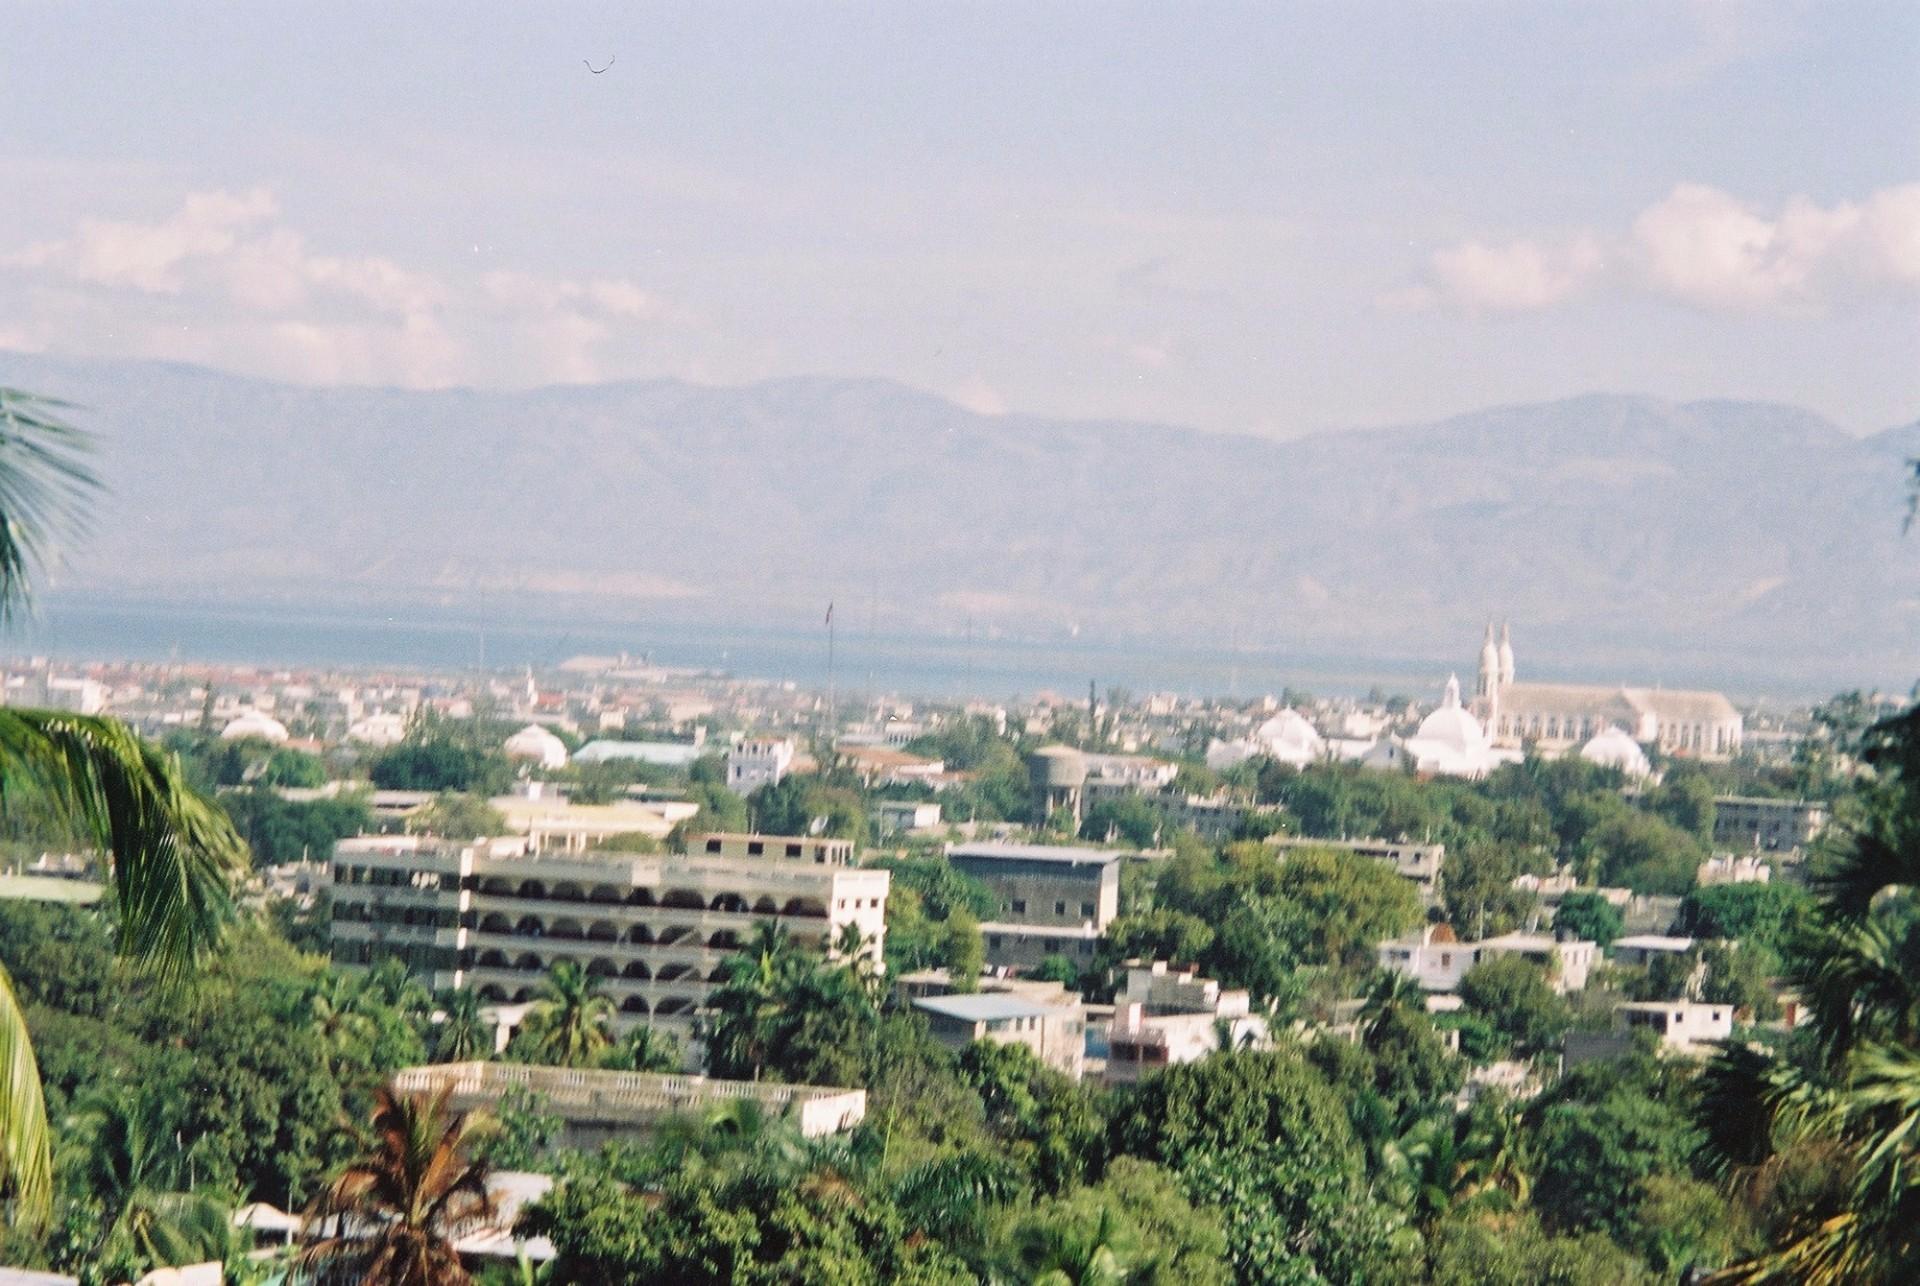 Haiti Population in 2017